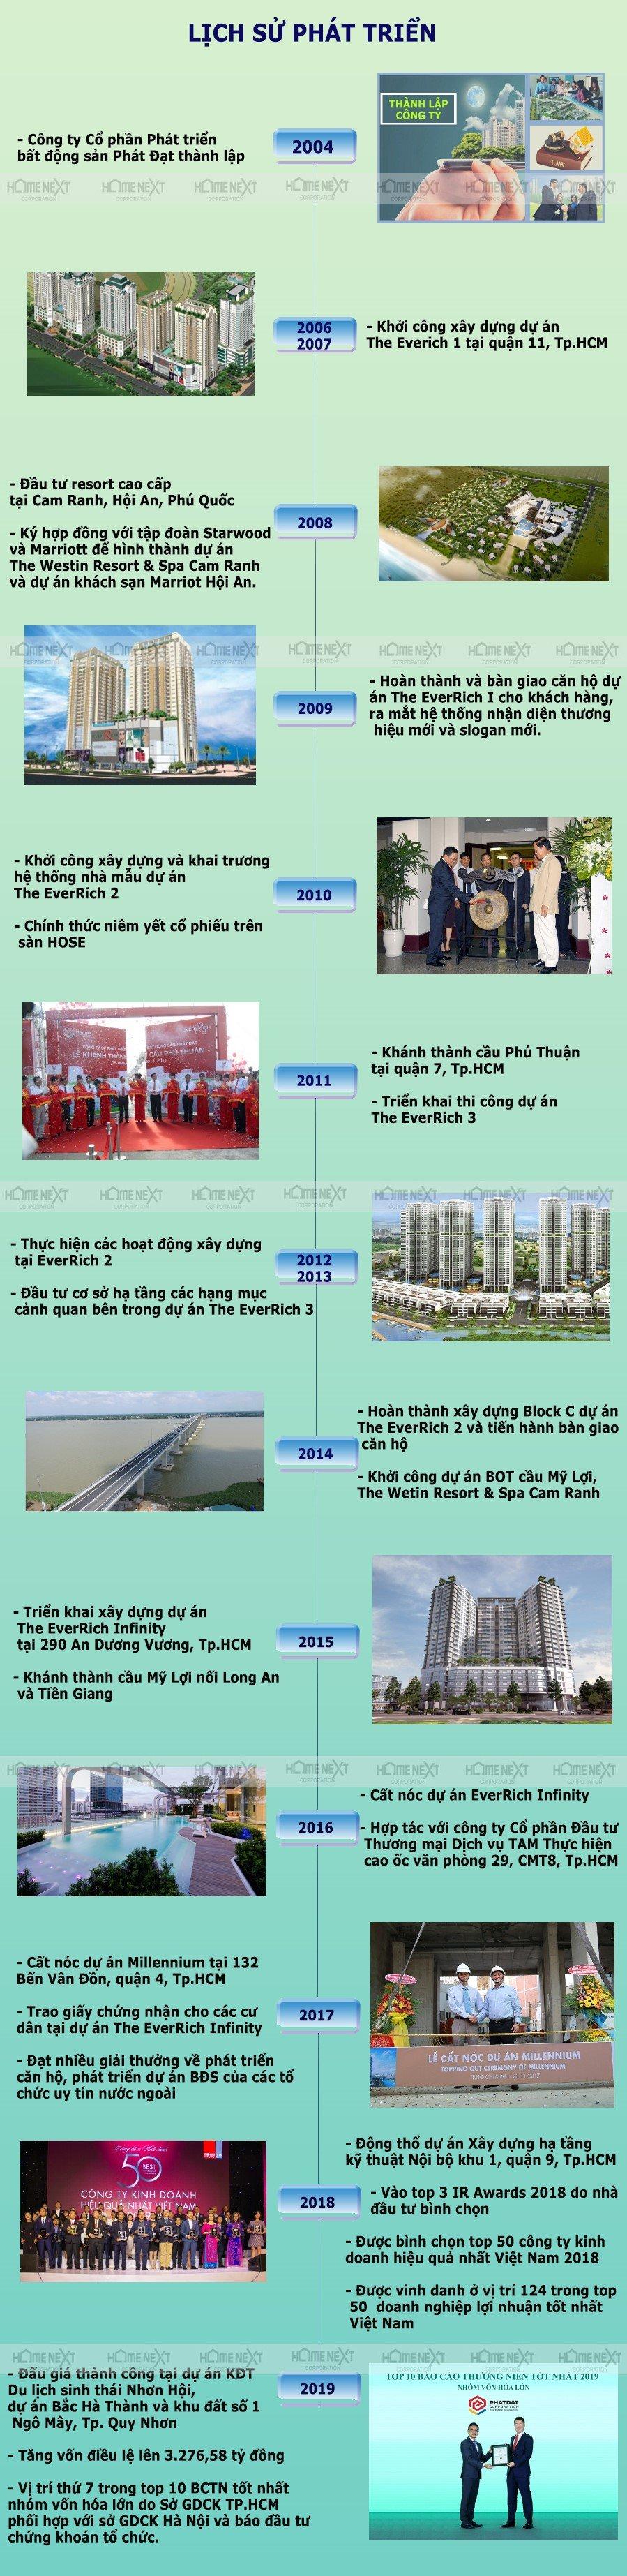 Lịch sử hình thành và phát triển của công ty Phát Đạt